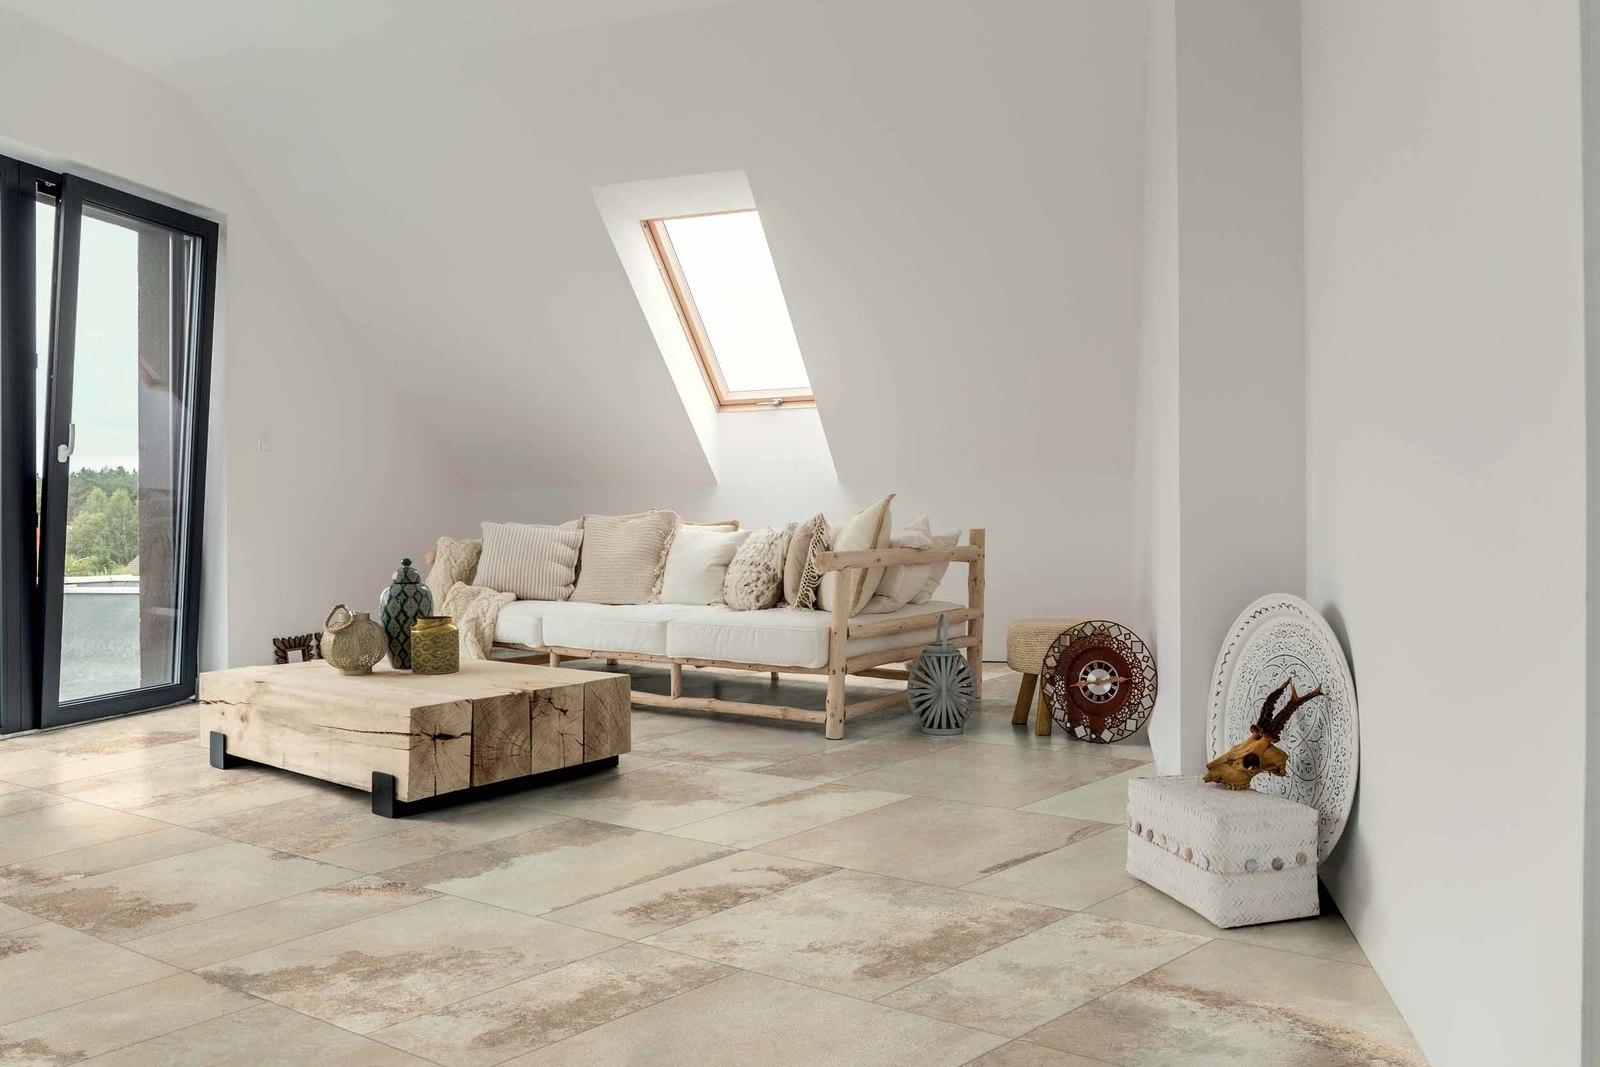 Stil_casa_belsito_cosenza_bbls_group_paviment_rivestimenti_arredo_bagno_piastrelle_ceramica_stile_moderno_7